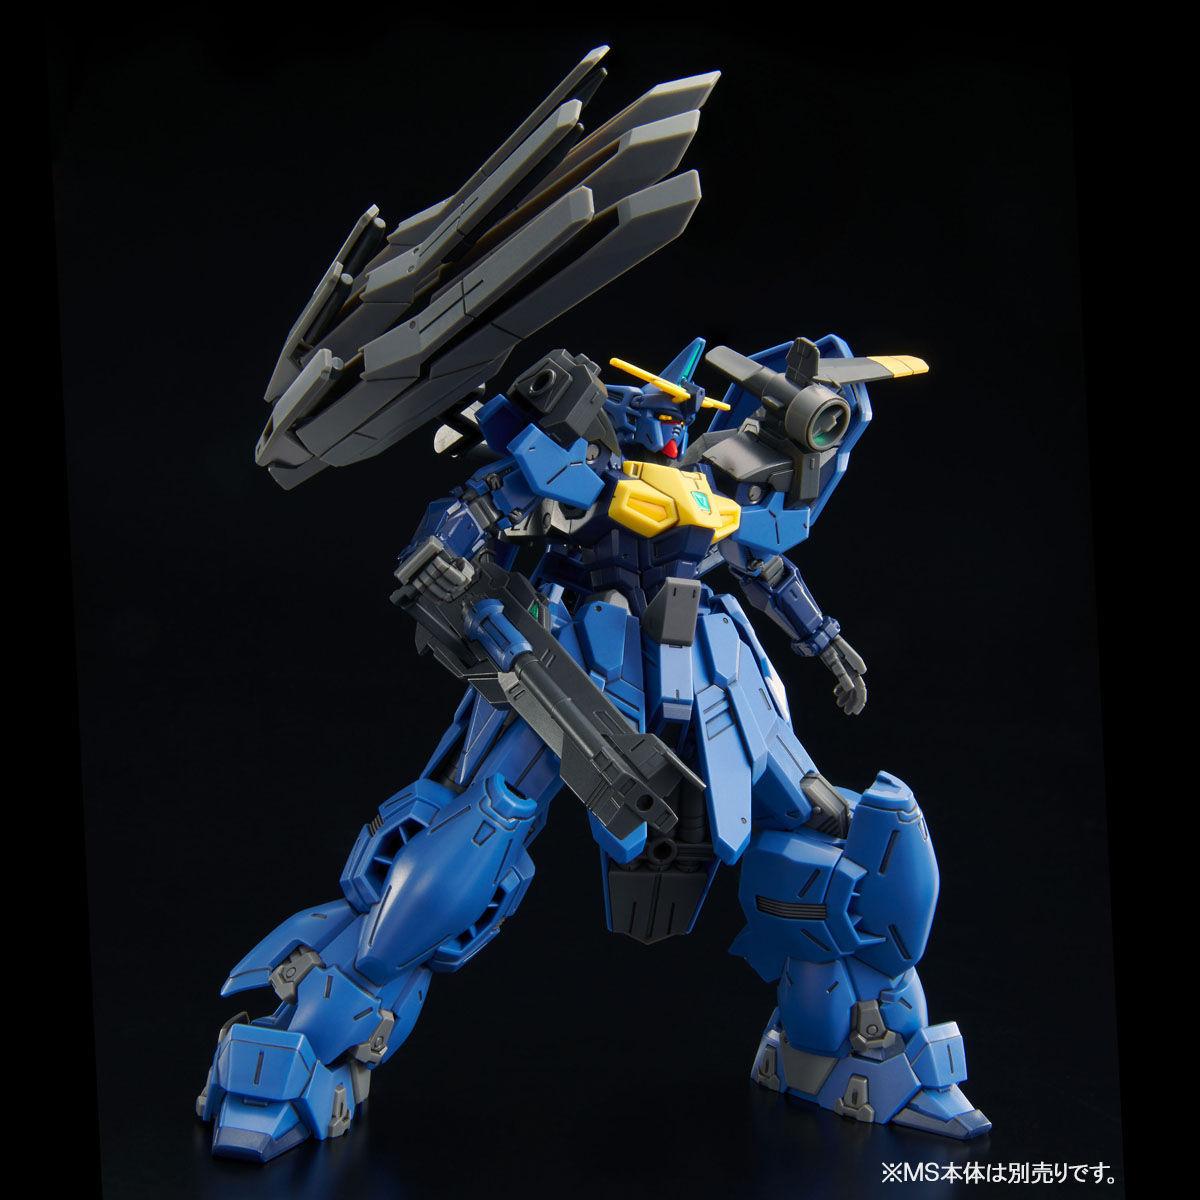 【限定販売】HG 1/144『ガンダムジェミナス02用 陸戦重装ユニット 拡張パーツ』プラモデル-007